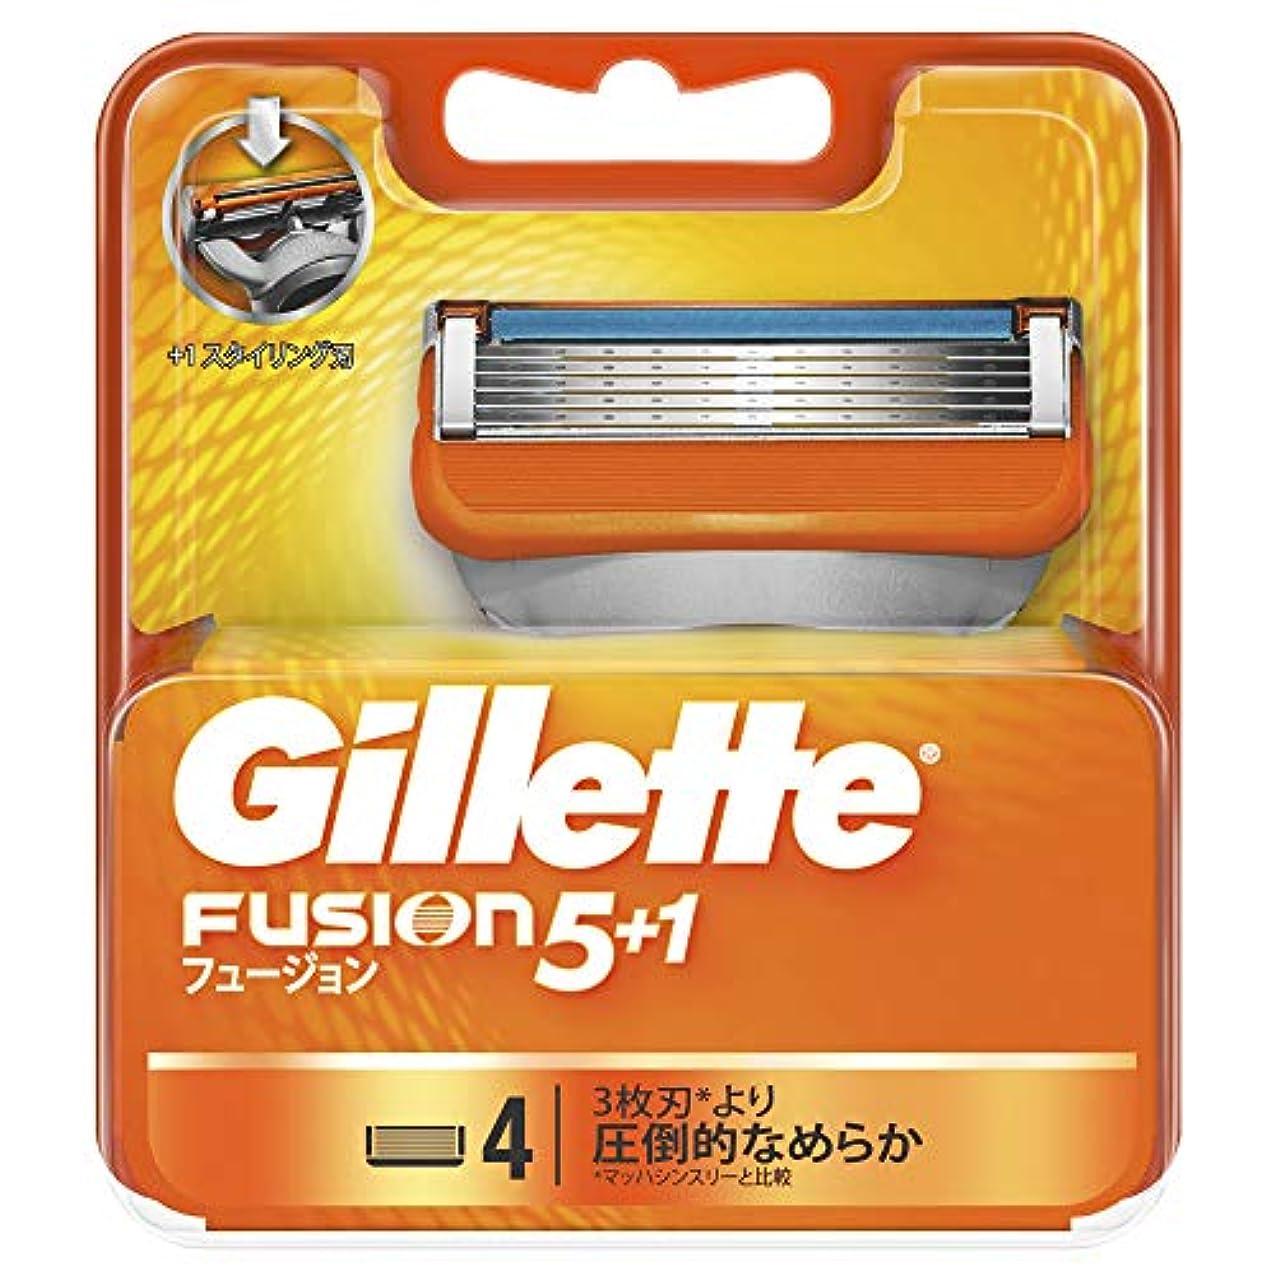 ほこりジュニア安価なジレット フュージョン5+1 マニュアル 髭剃り 替刃 4コ入